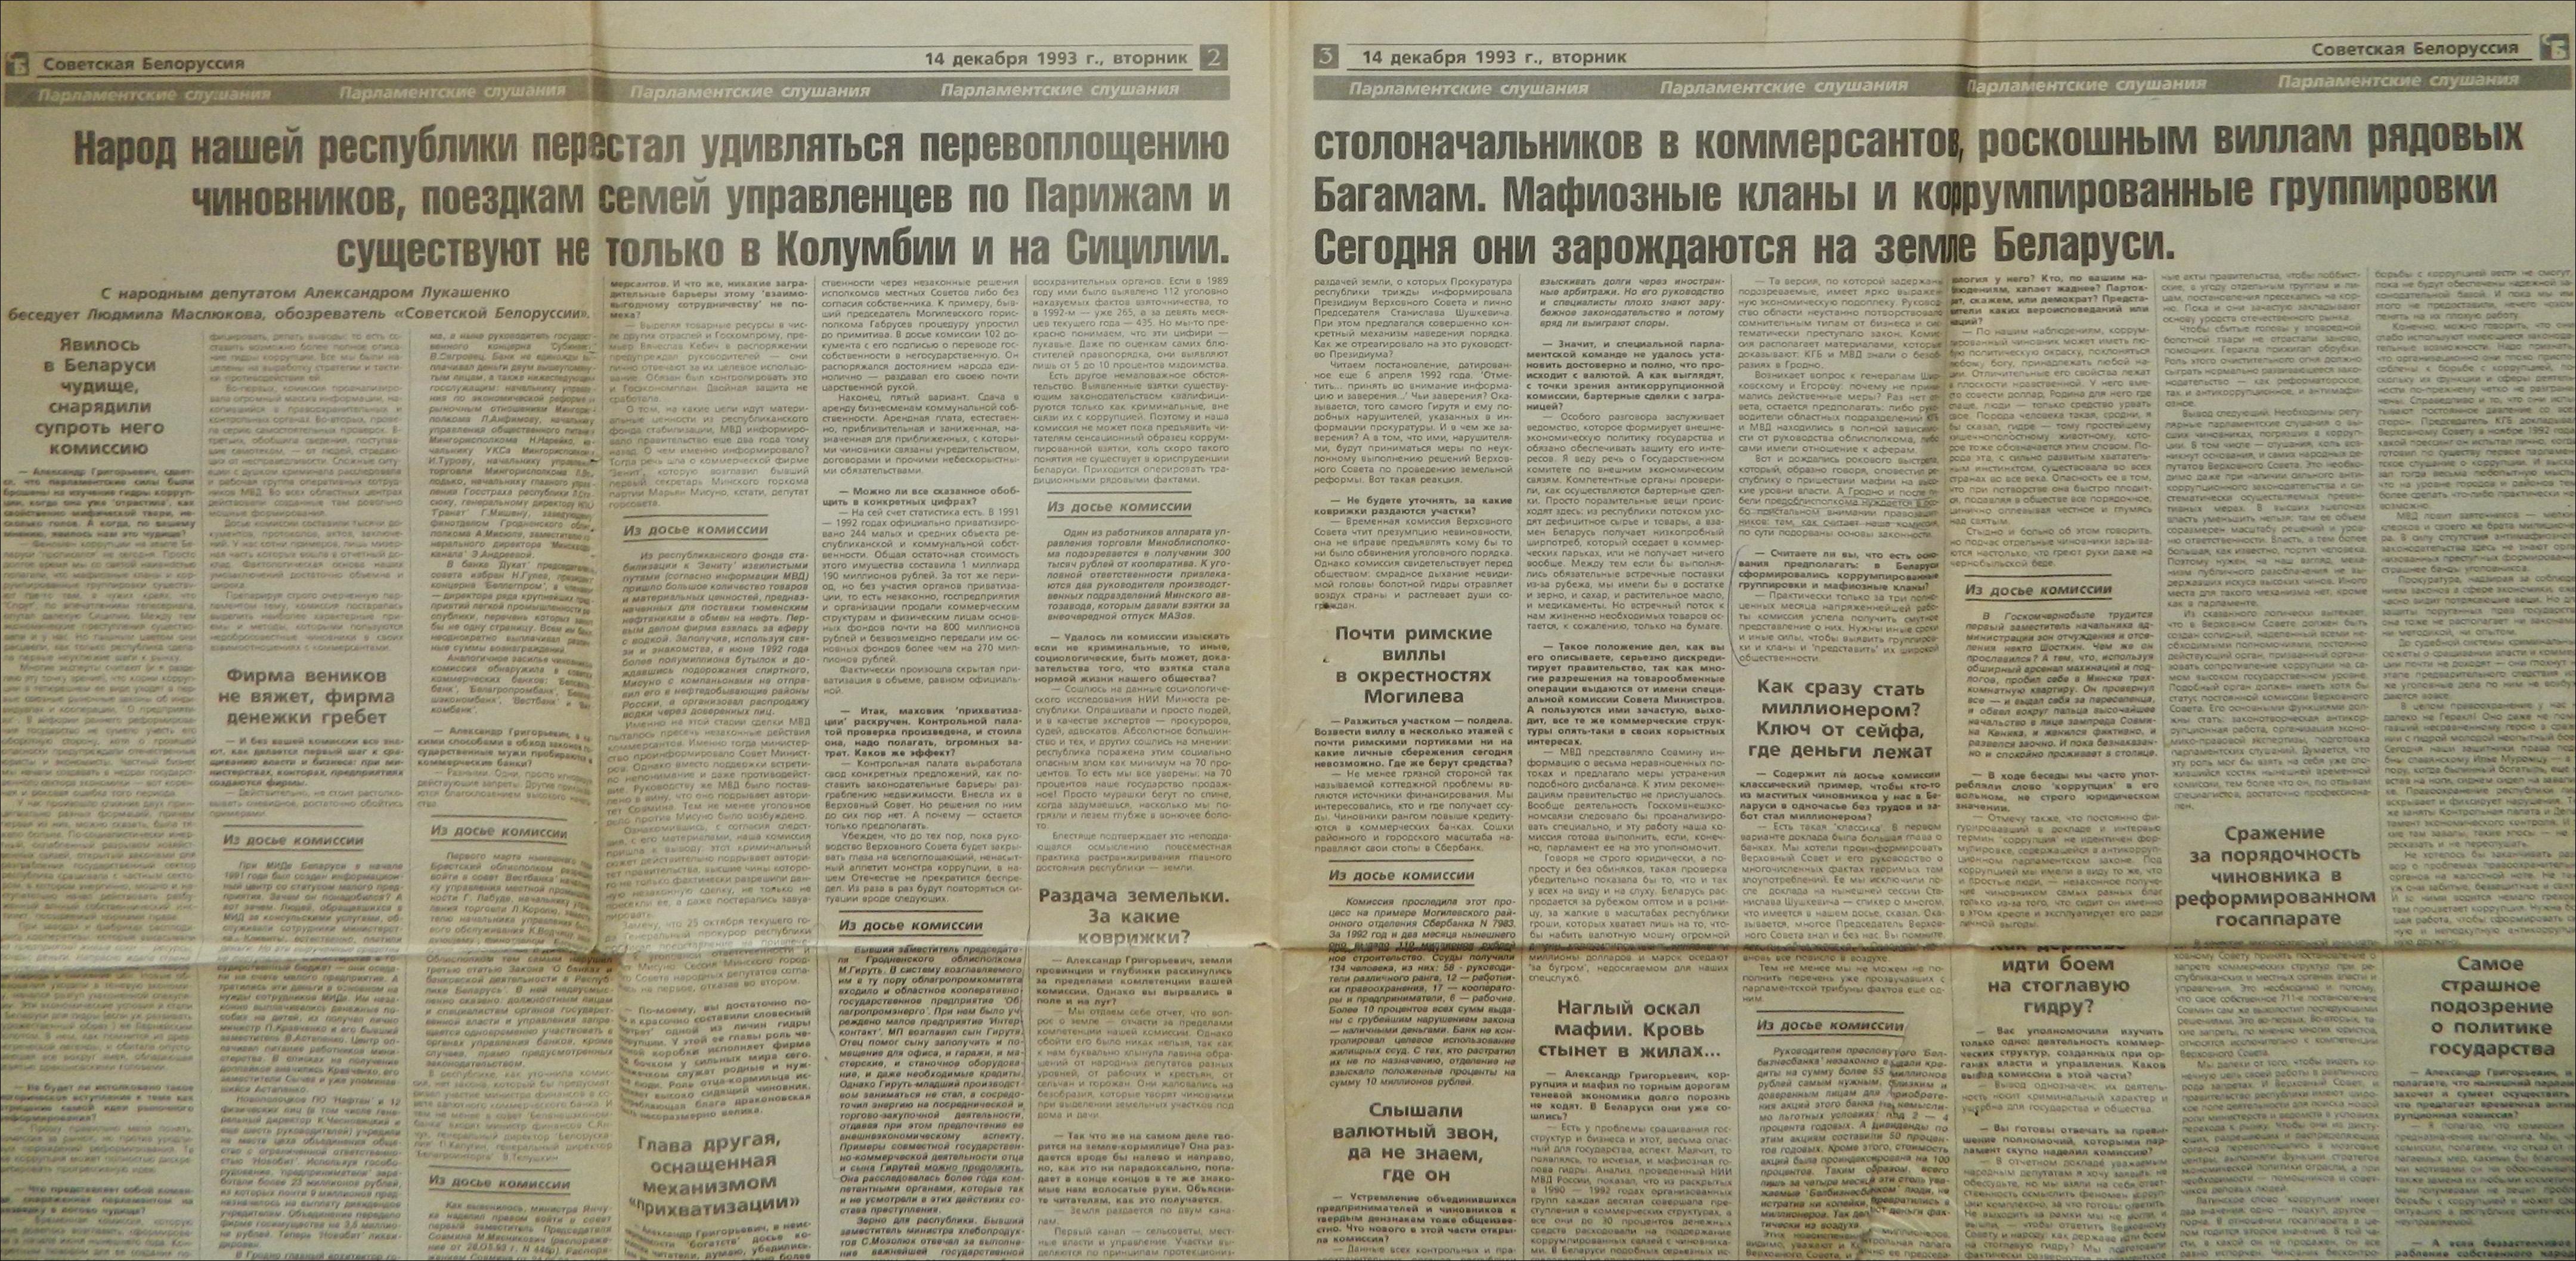 «Советская Белоруссия» от 14 декабря 1993 г.